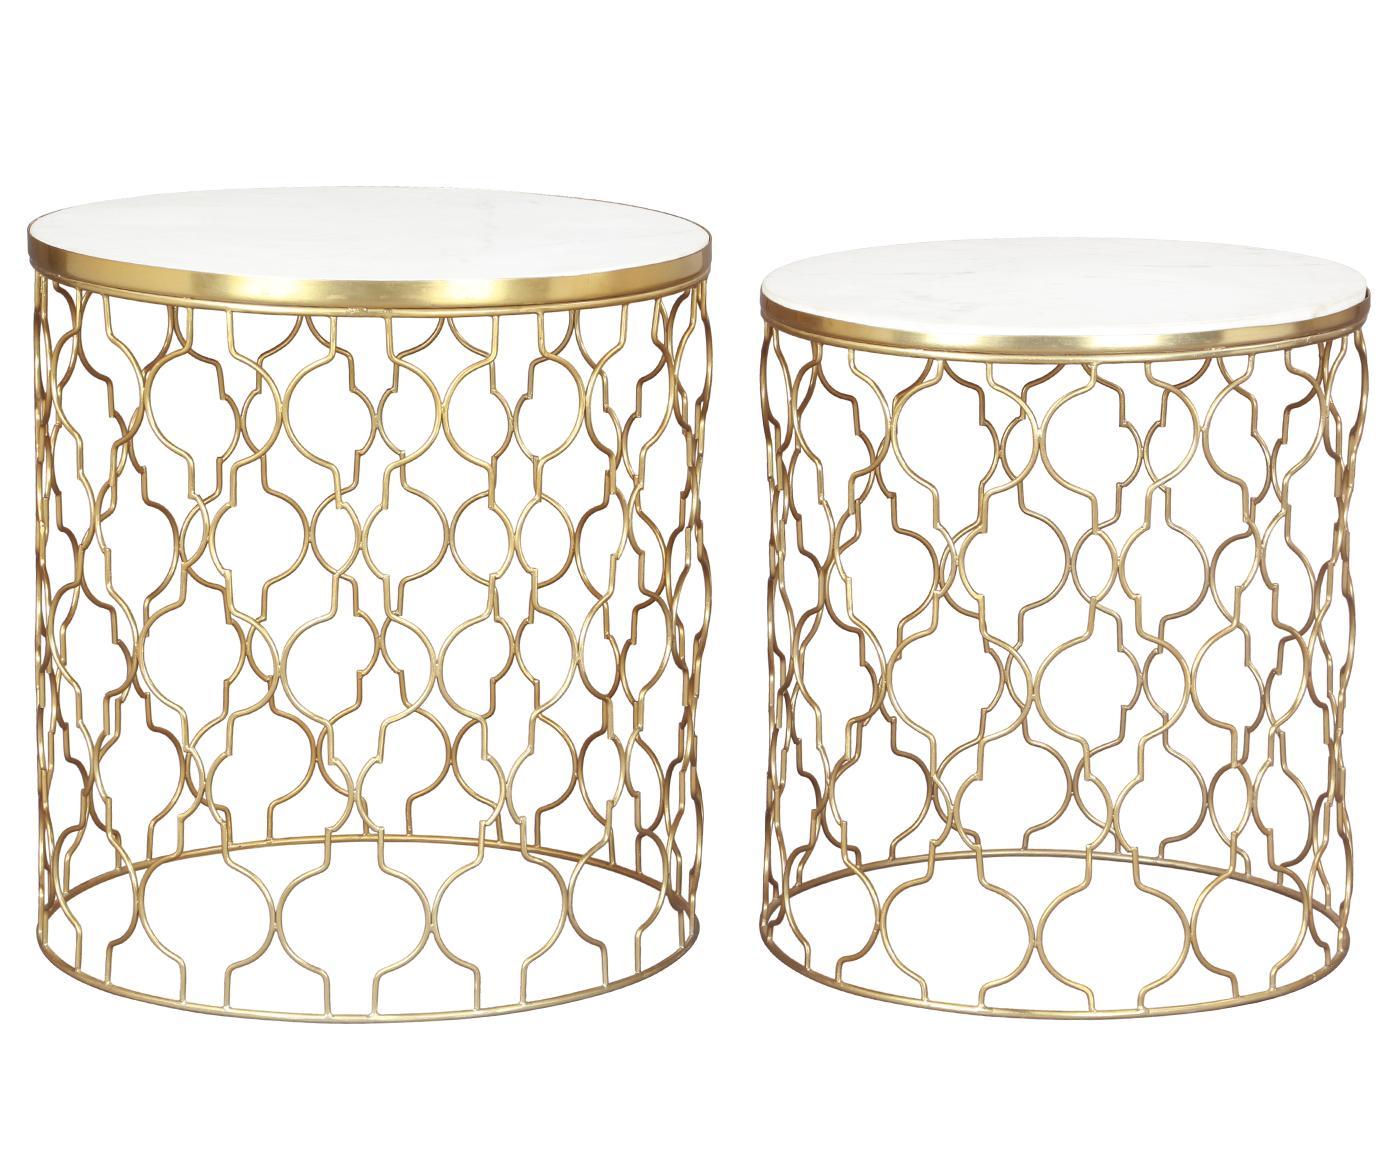 Set de mesas auxiliares de mármol Blake, 2uds., Tablero: mármol natural, Estructura: metal, recubierto, Blanco, dorado, Tamaños diferentes